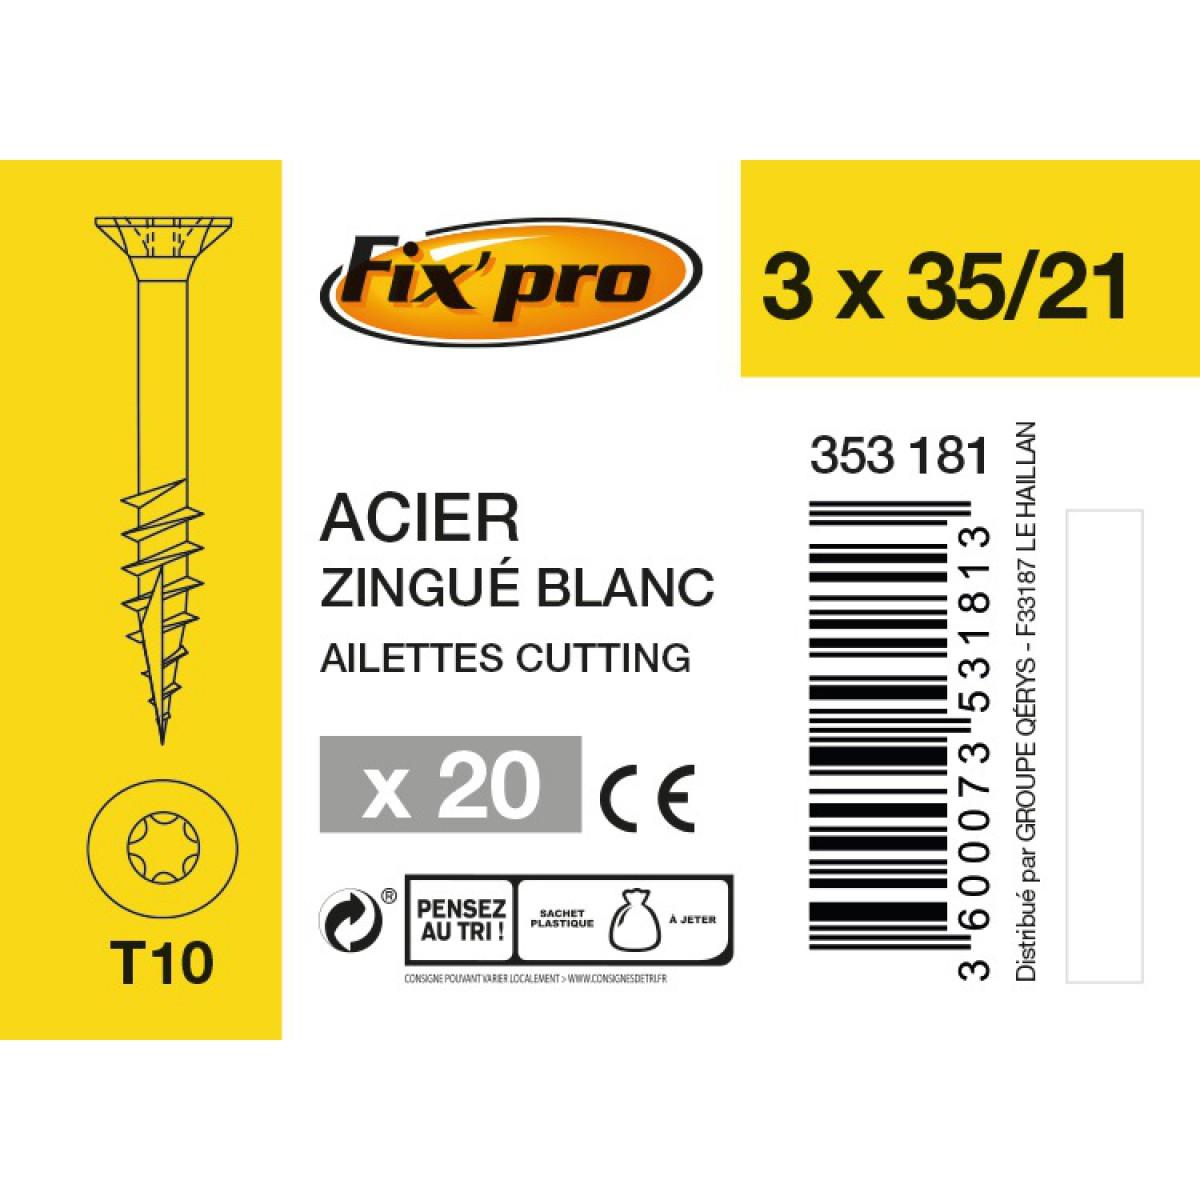 Vis à bois tête fraisée TX - 3x35/21 - 20pces - Fixpro